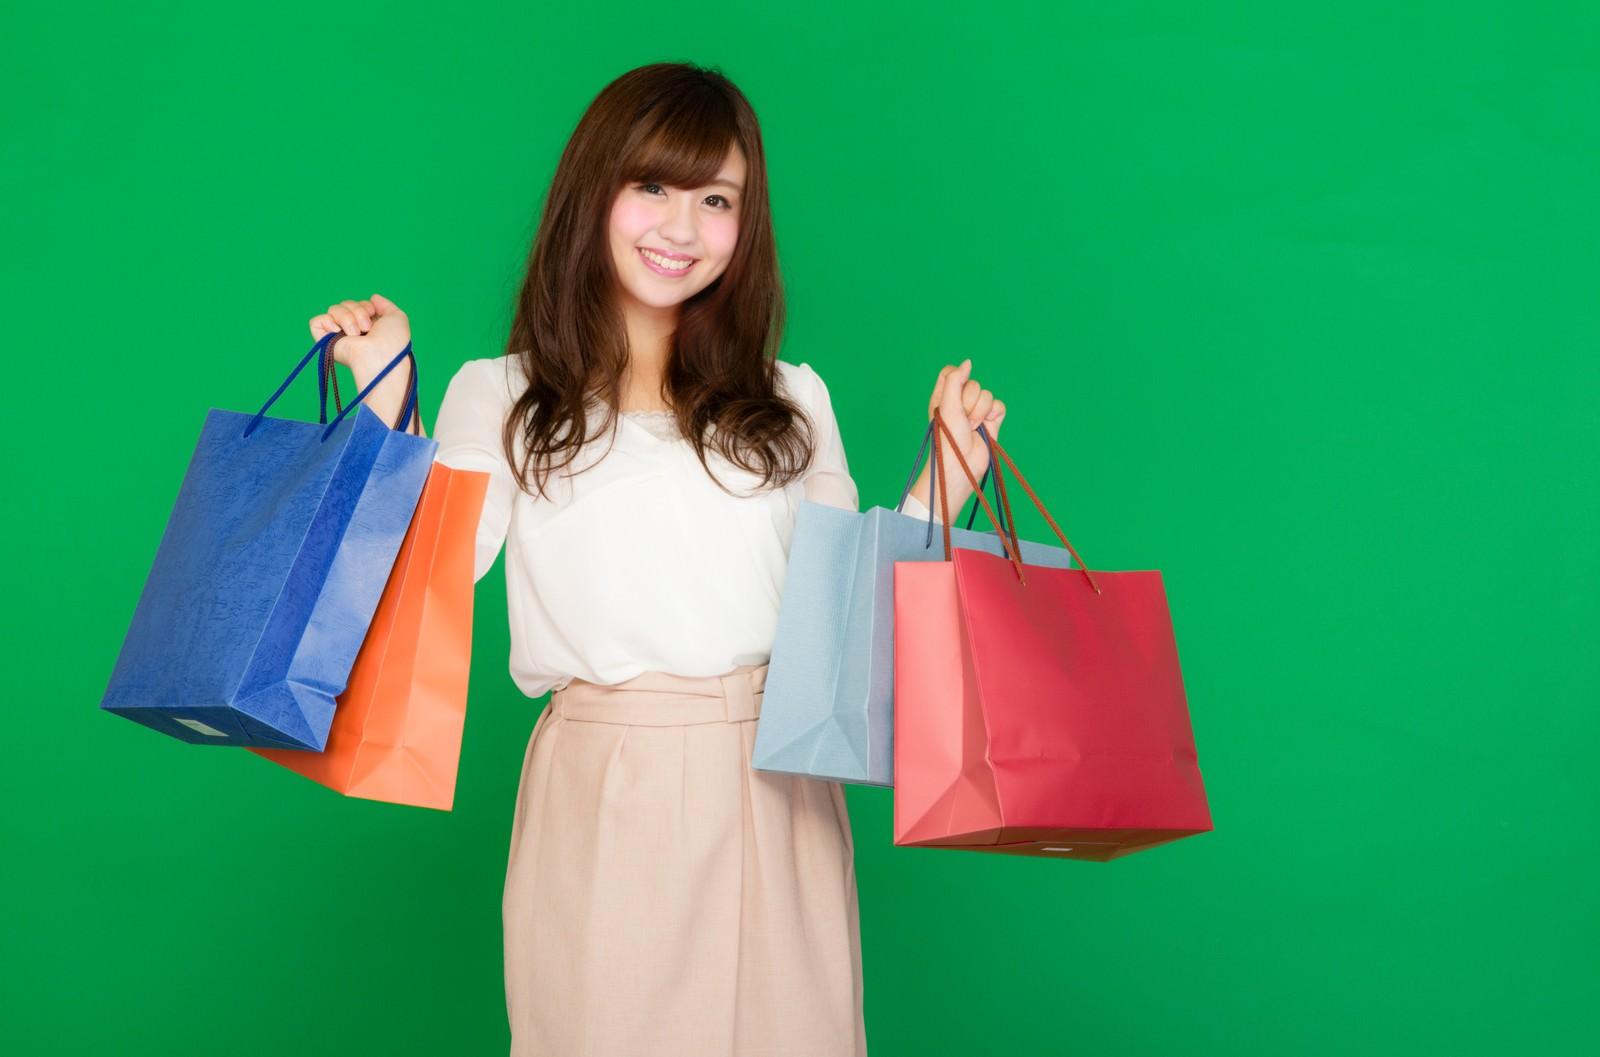 「両手いっぱいの買い物袋を持ったセールが大好きな女性(グリーンバック)両手いっぱいの買い物袋を持ったセールが大好きな女性(グリーンバック)」[モデル:河村友歌]のフリー写真素材を拡大